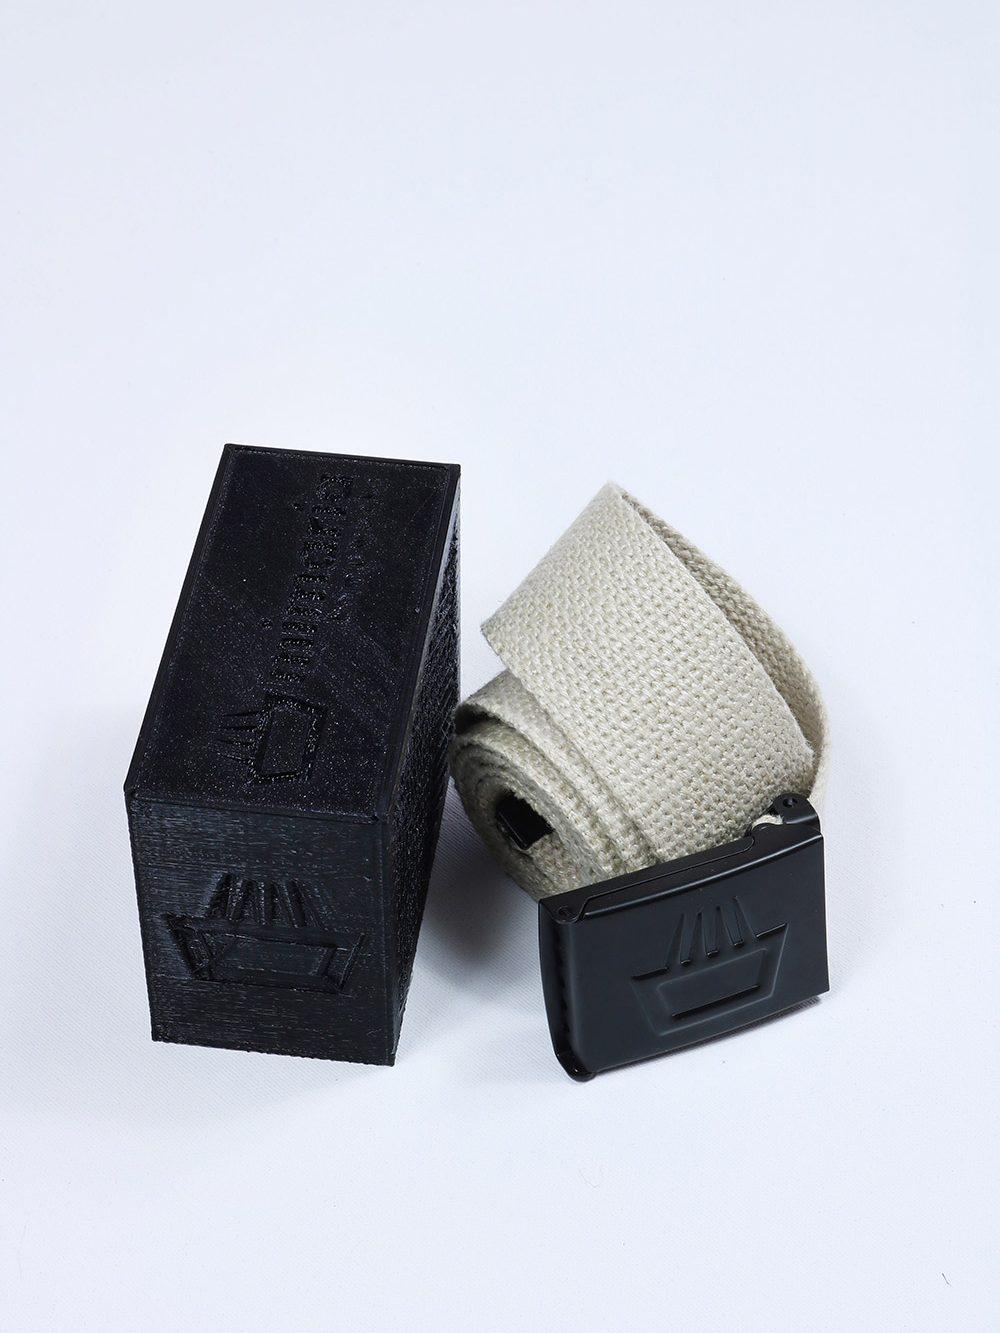 Cinturón mimaría hempworks Xplorer de cáñamo color crudo nature. Hebilla abrebotellas. Embalaje de PLA (ácido poliláctico bioplástico biodegradable) por impresión 3D.